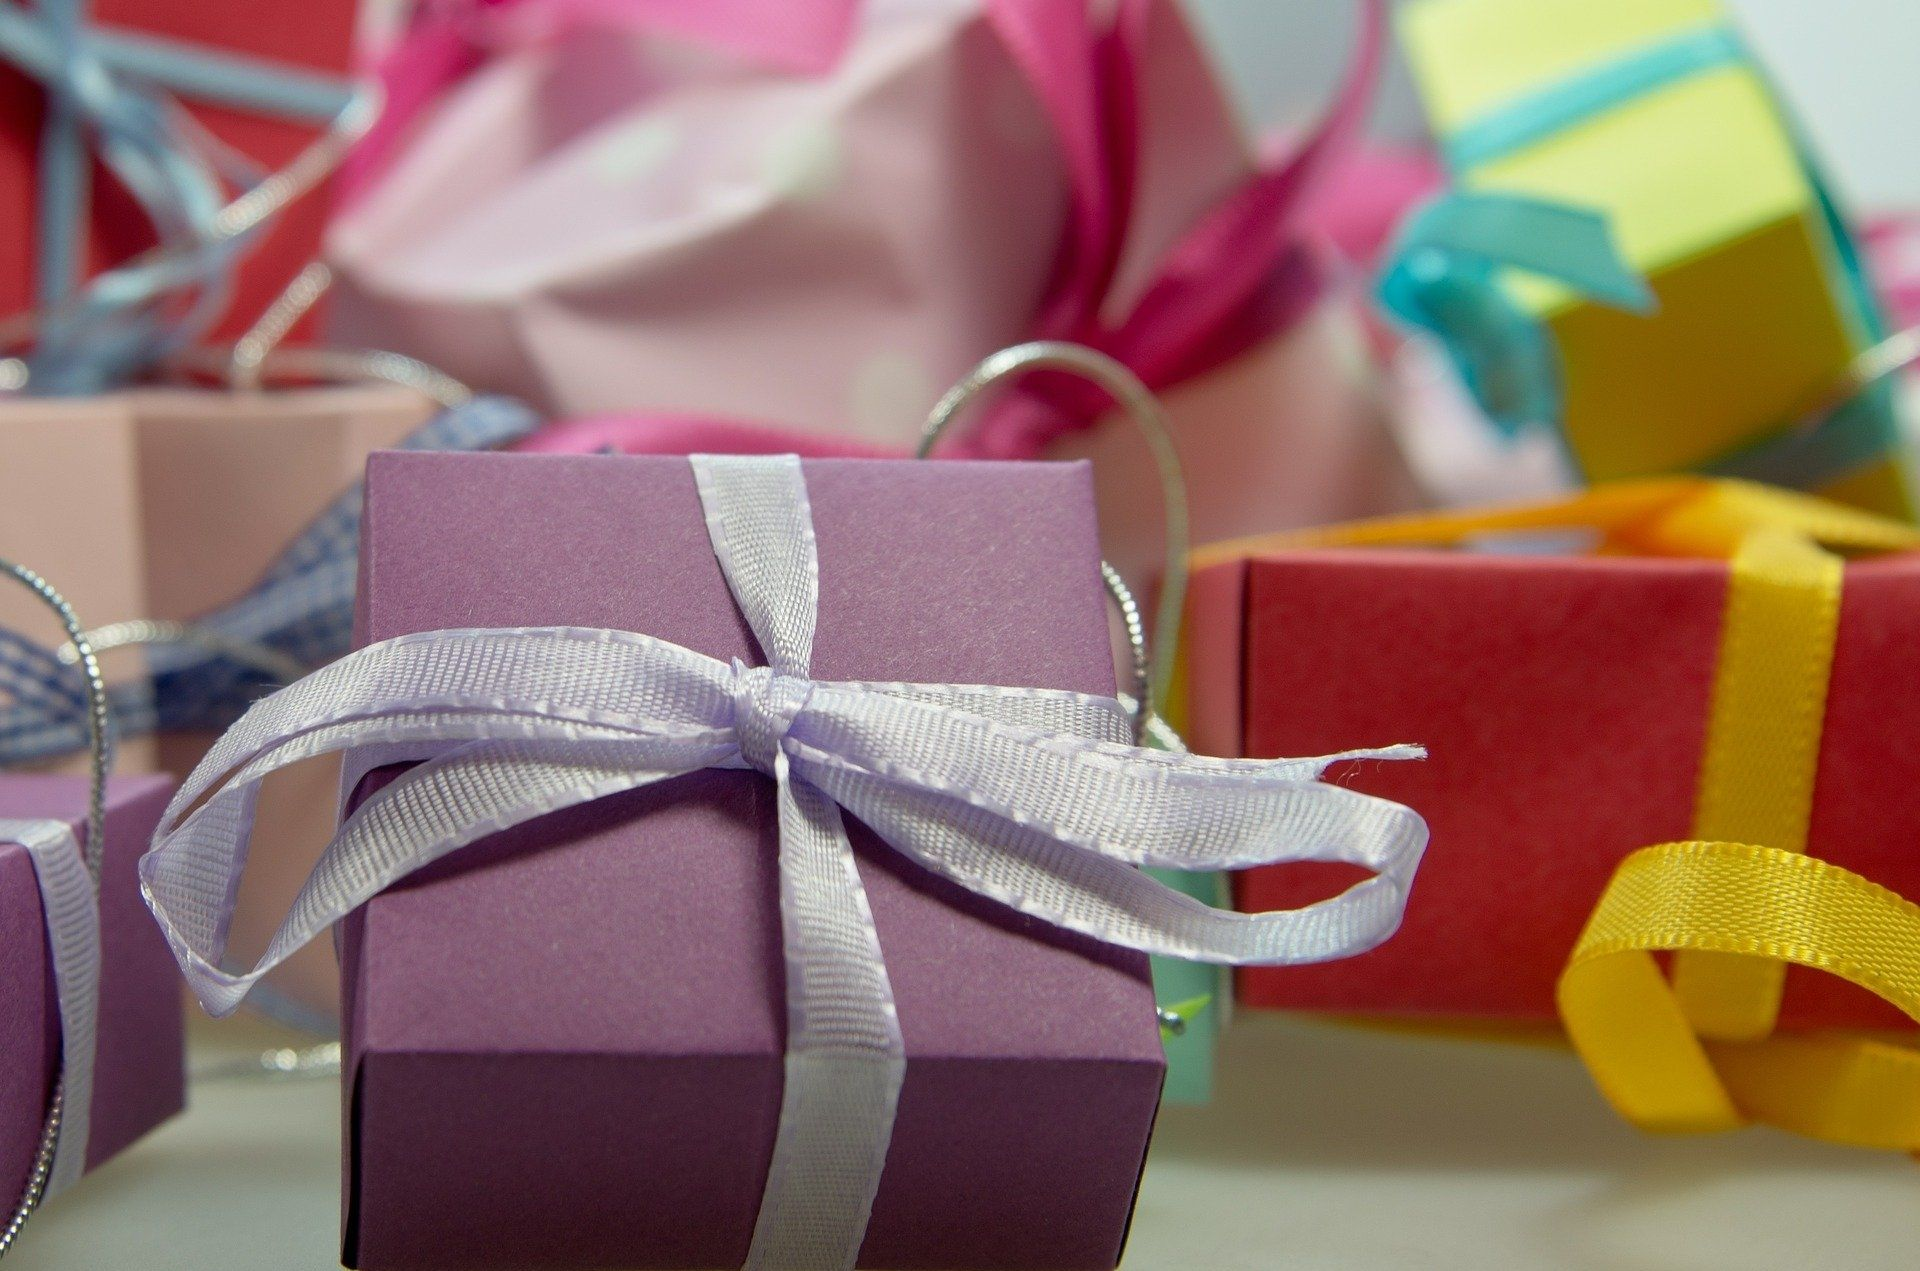 Las compras impulsivas fomentan el consumismo y pueden crear adicción.